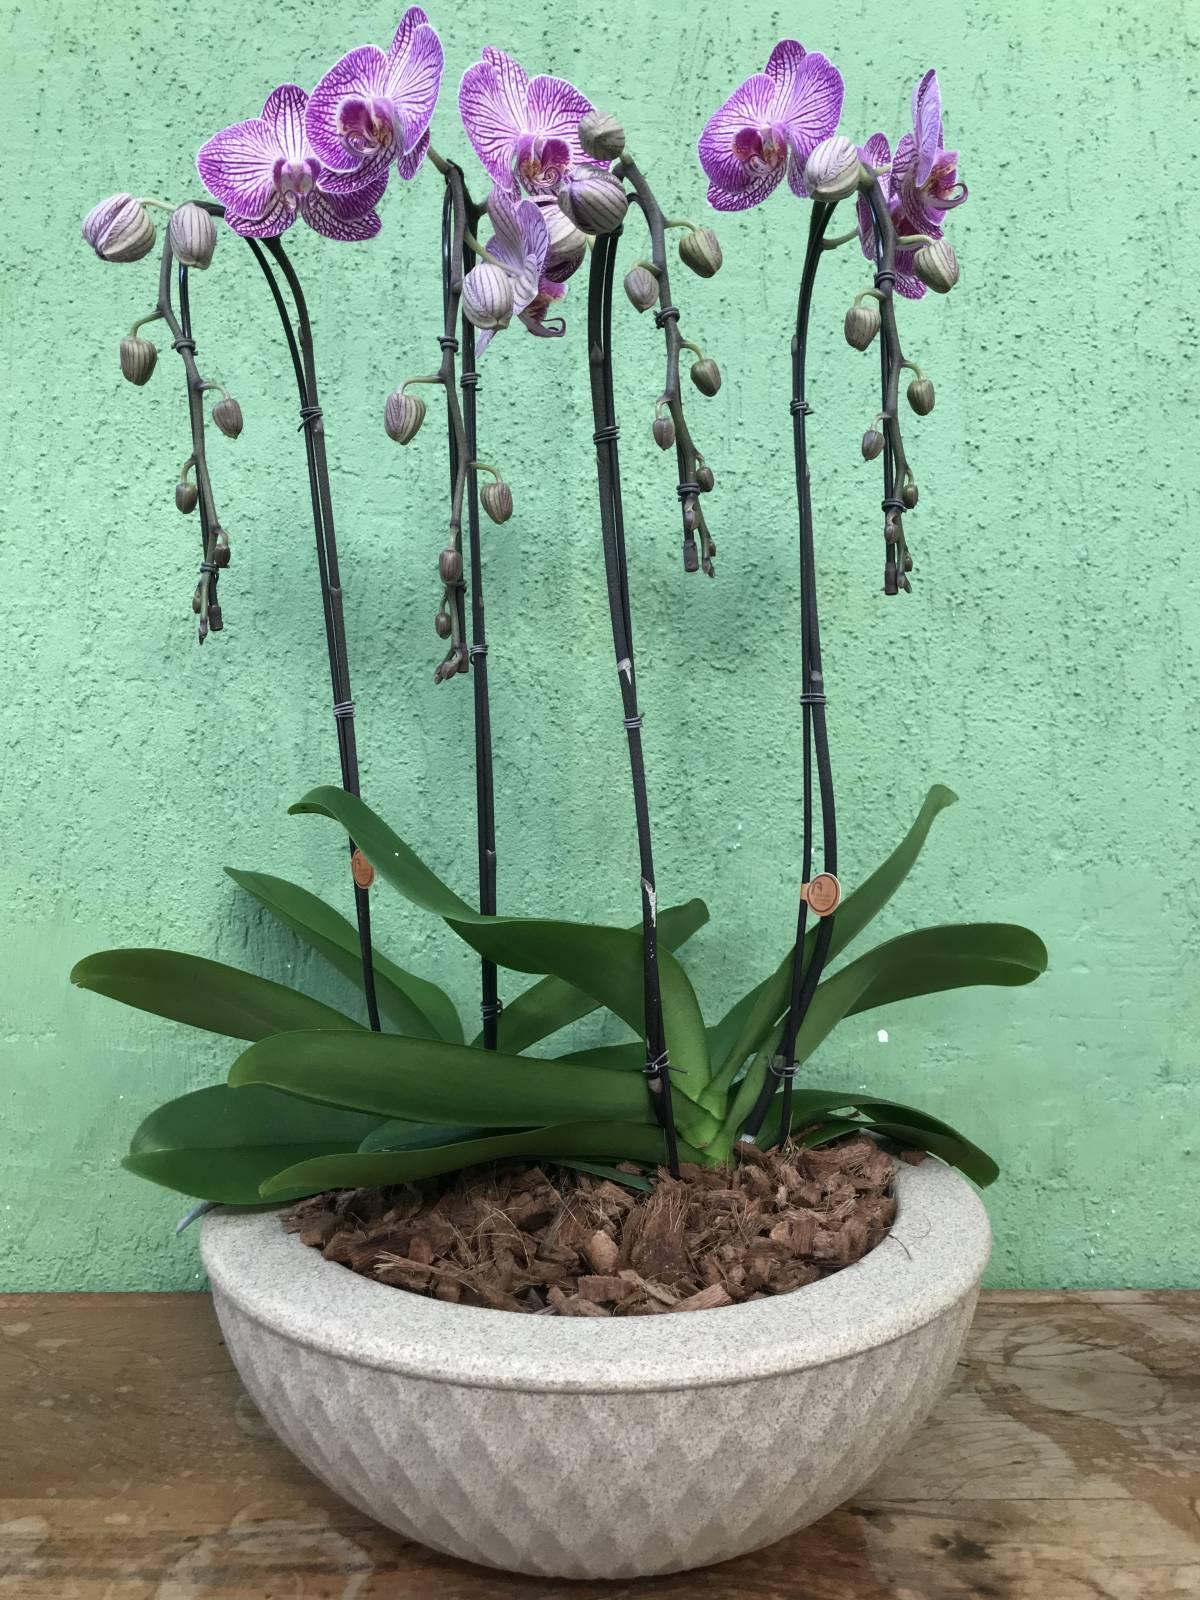 INFINITY ROSA ESTRIADO - Floricultura Cambuí